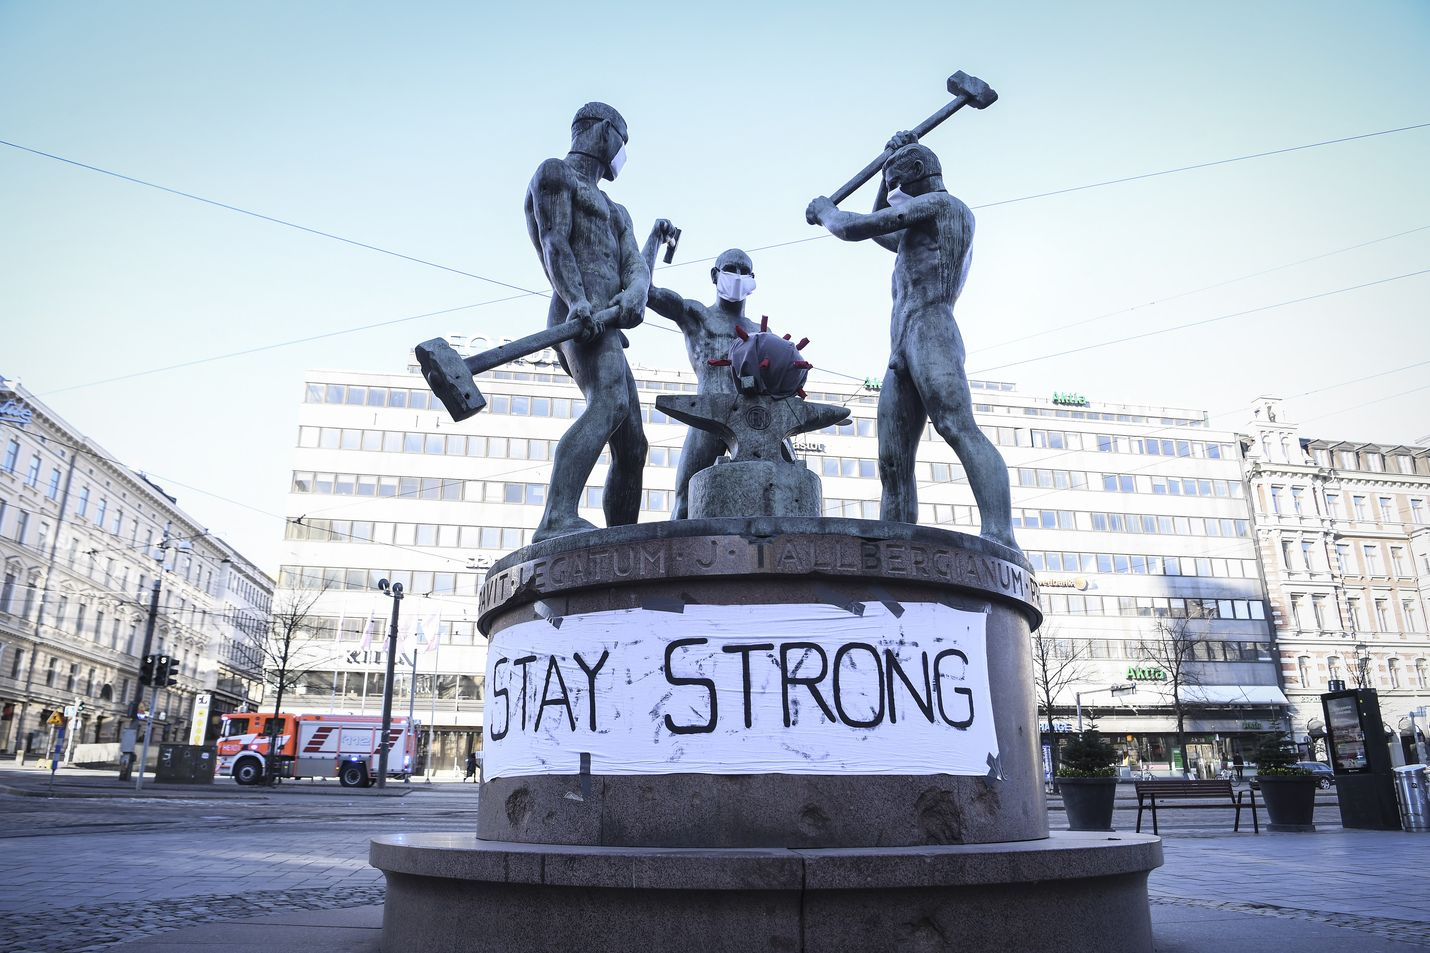 Virukselle kyytiä! Kolmen sepän patsas Helsingin keskustassa on koronakriisin aikana muodostunut suomalaisen kriisinkestävyyden vertauskuvaksi.